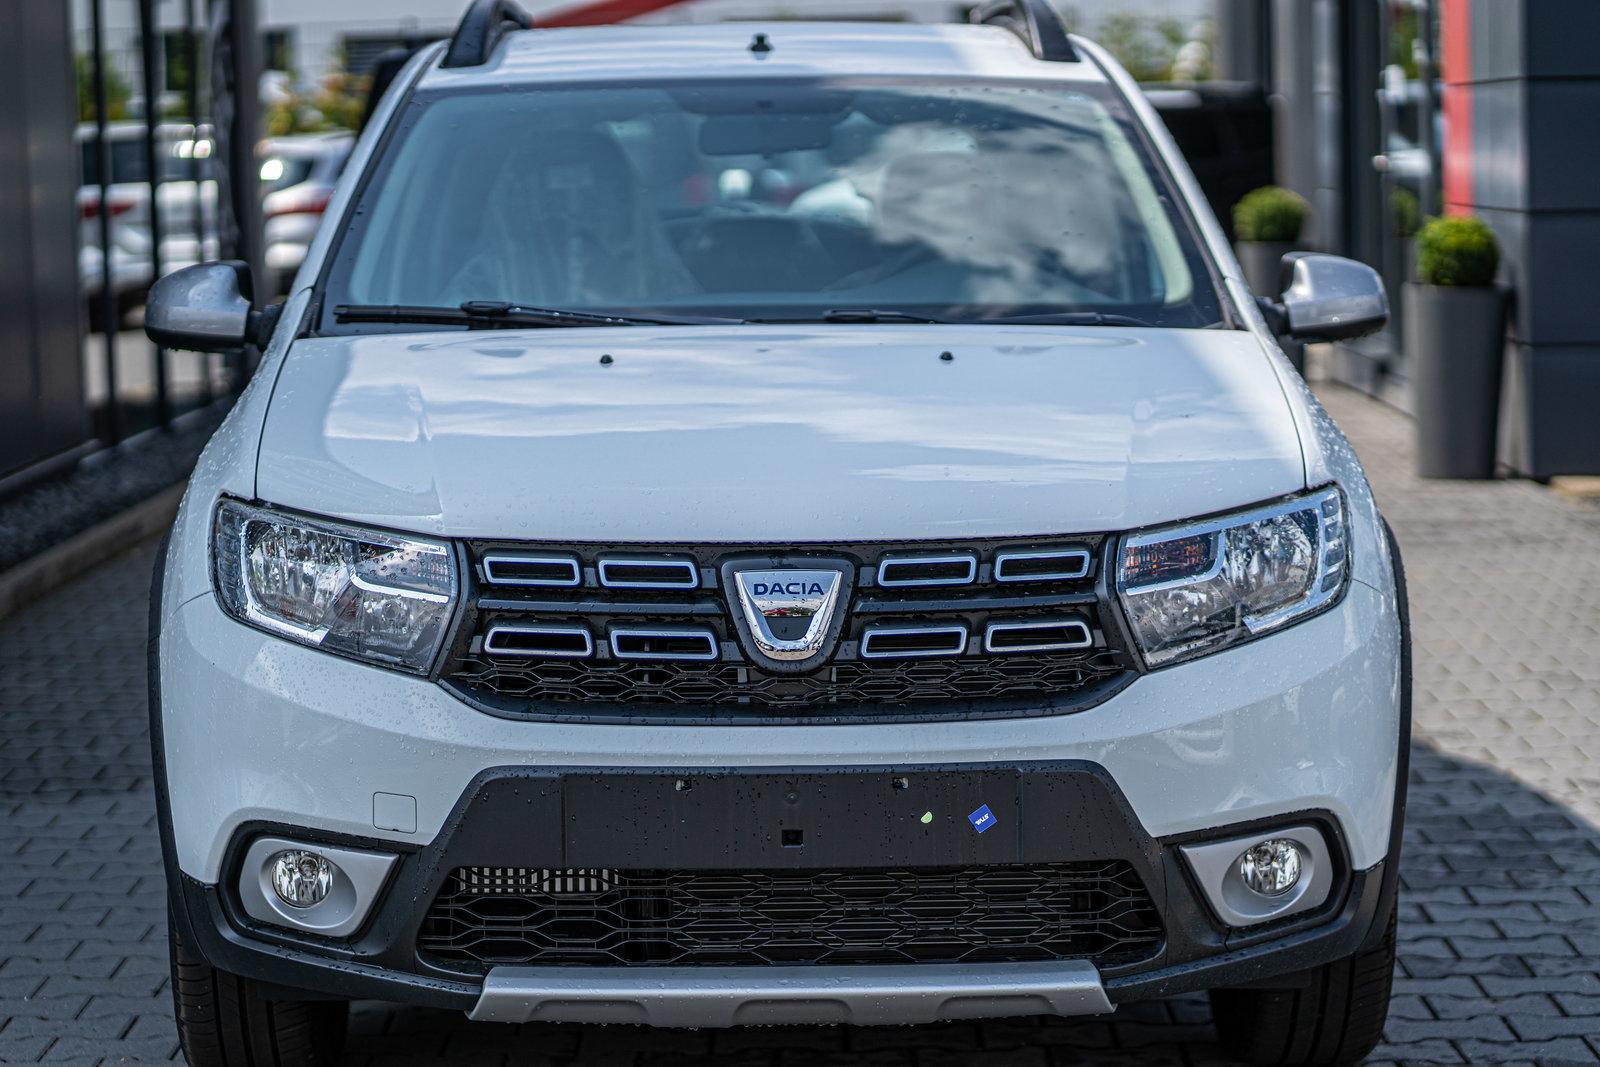 Dacia Sandero II Stepway PDC*Freisprech*Tempomat*Klima